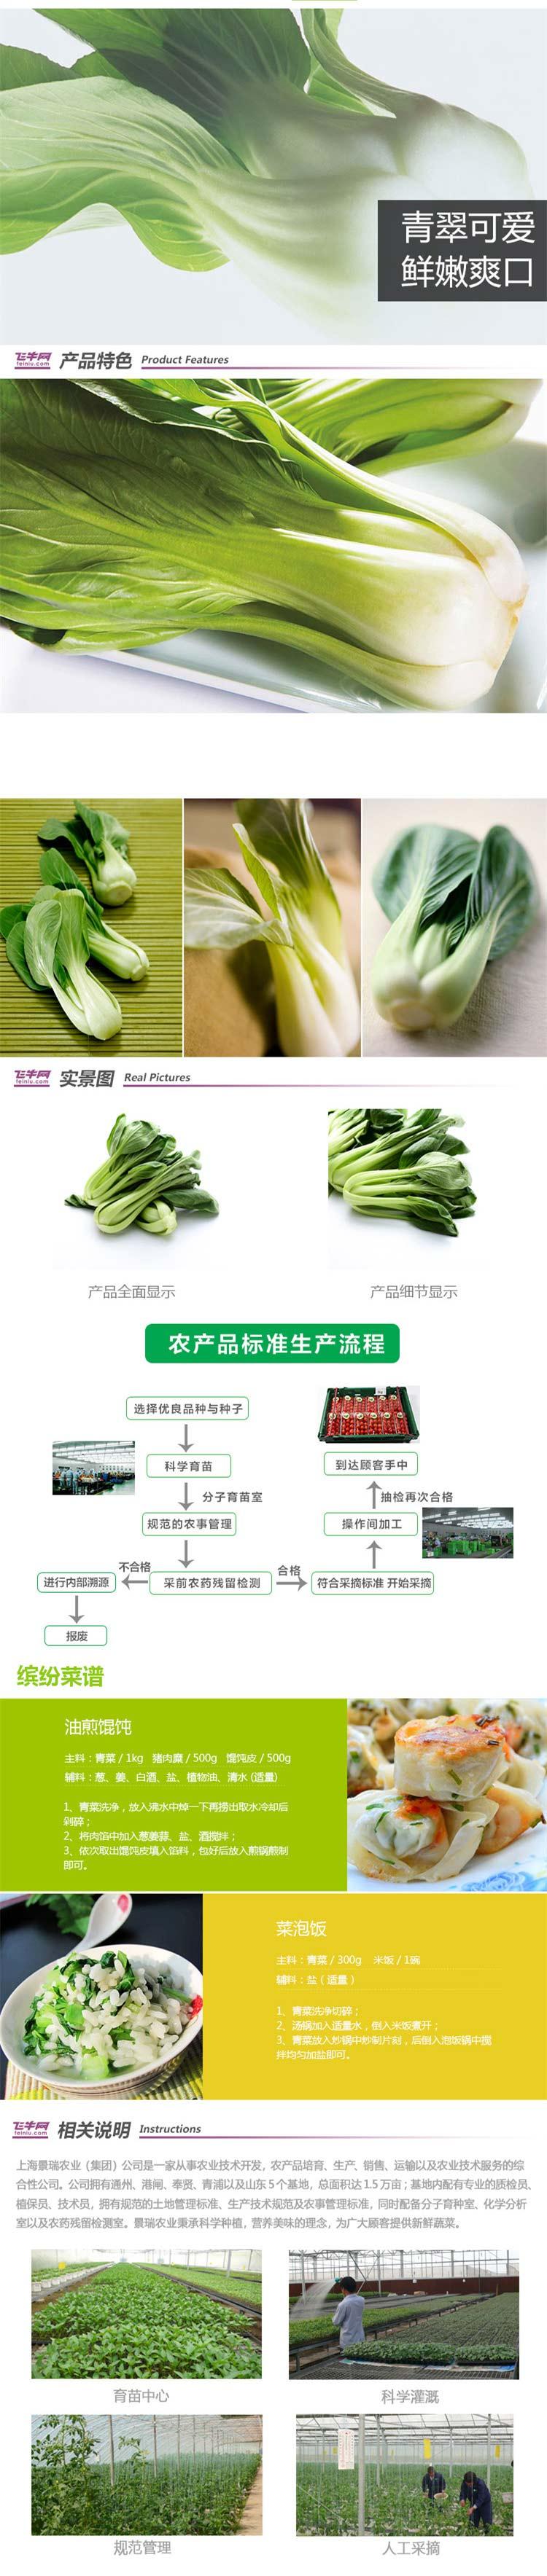 瑞鲜生青菜400g/盒购买心得